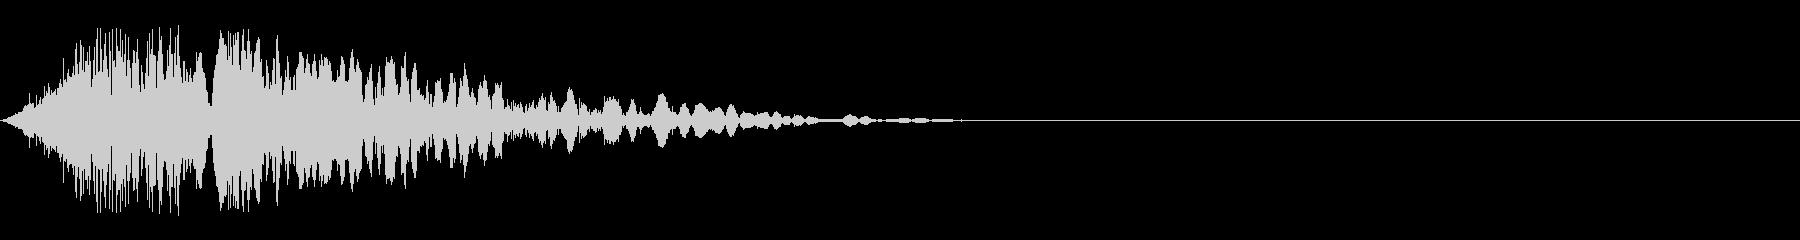 重量感のあるパンチ音01(+風切り)の未再生の波形